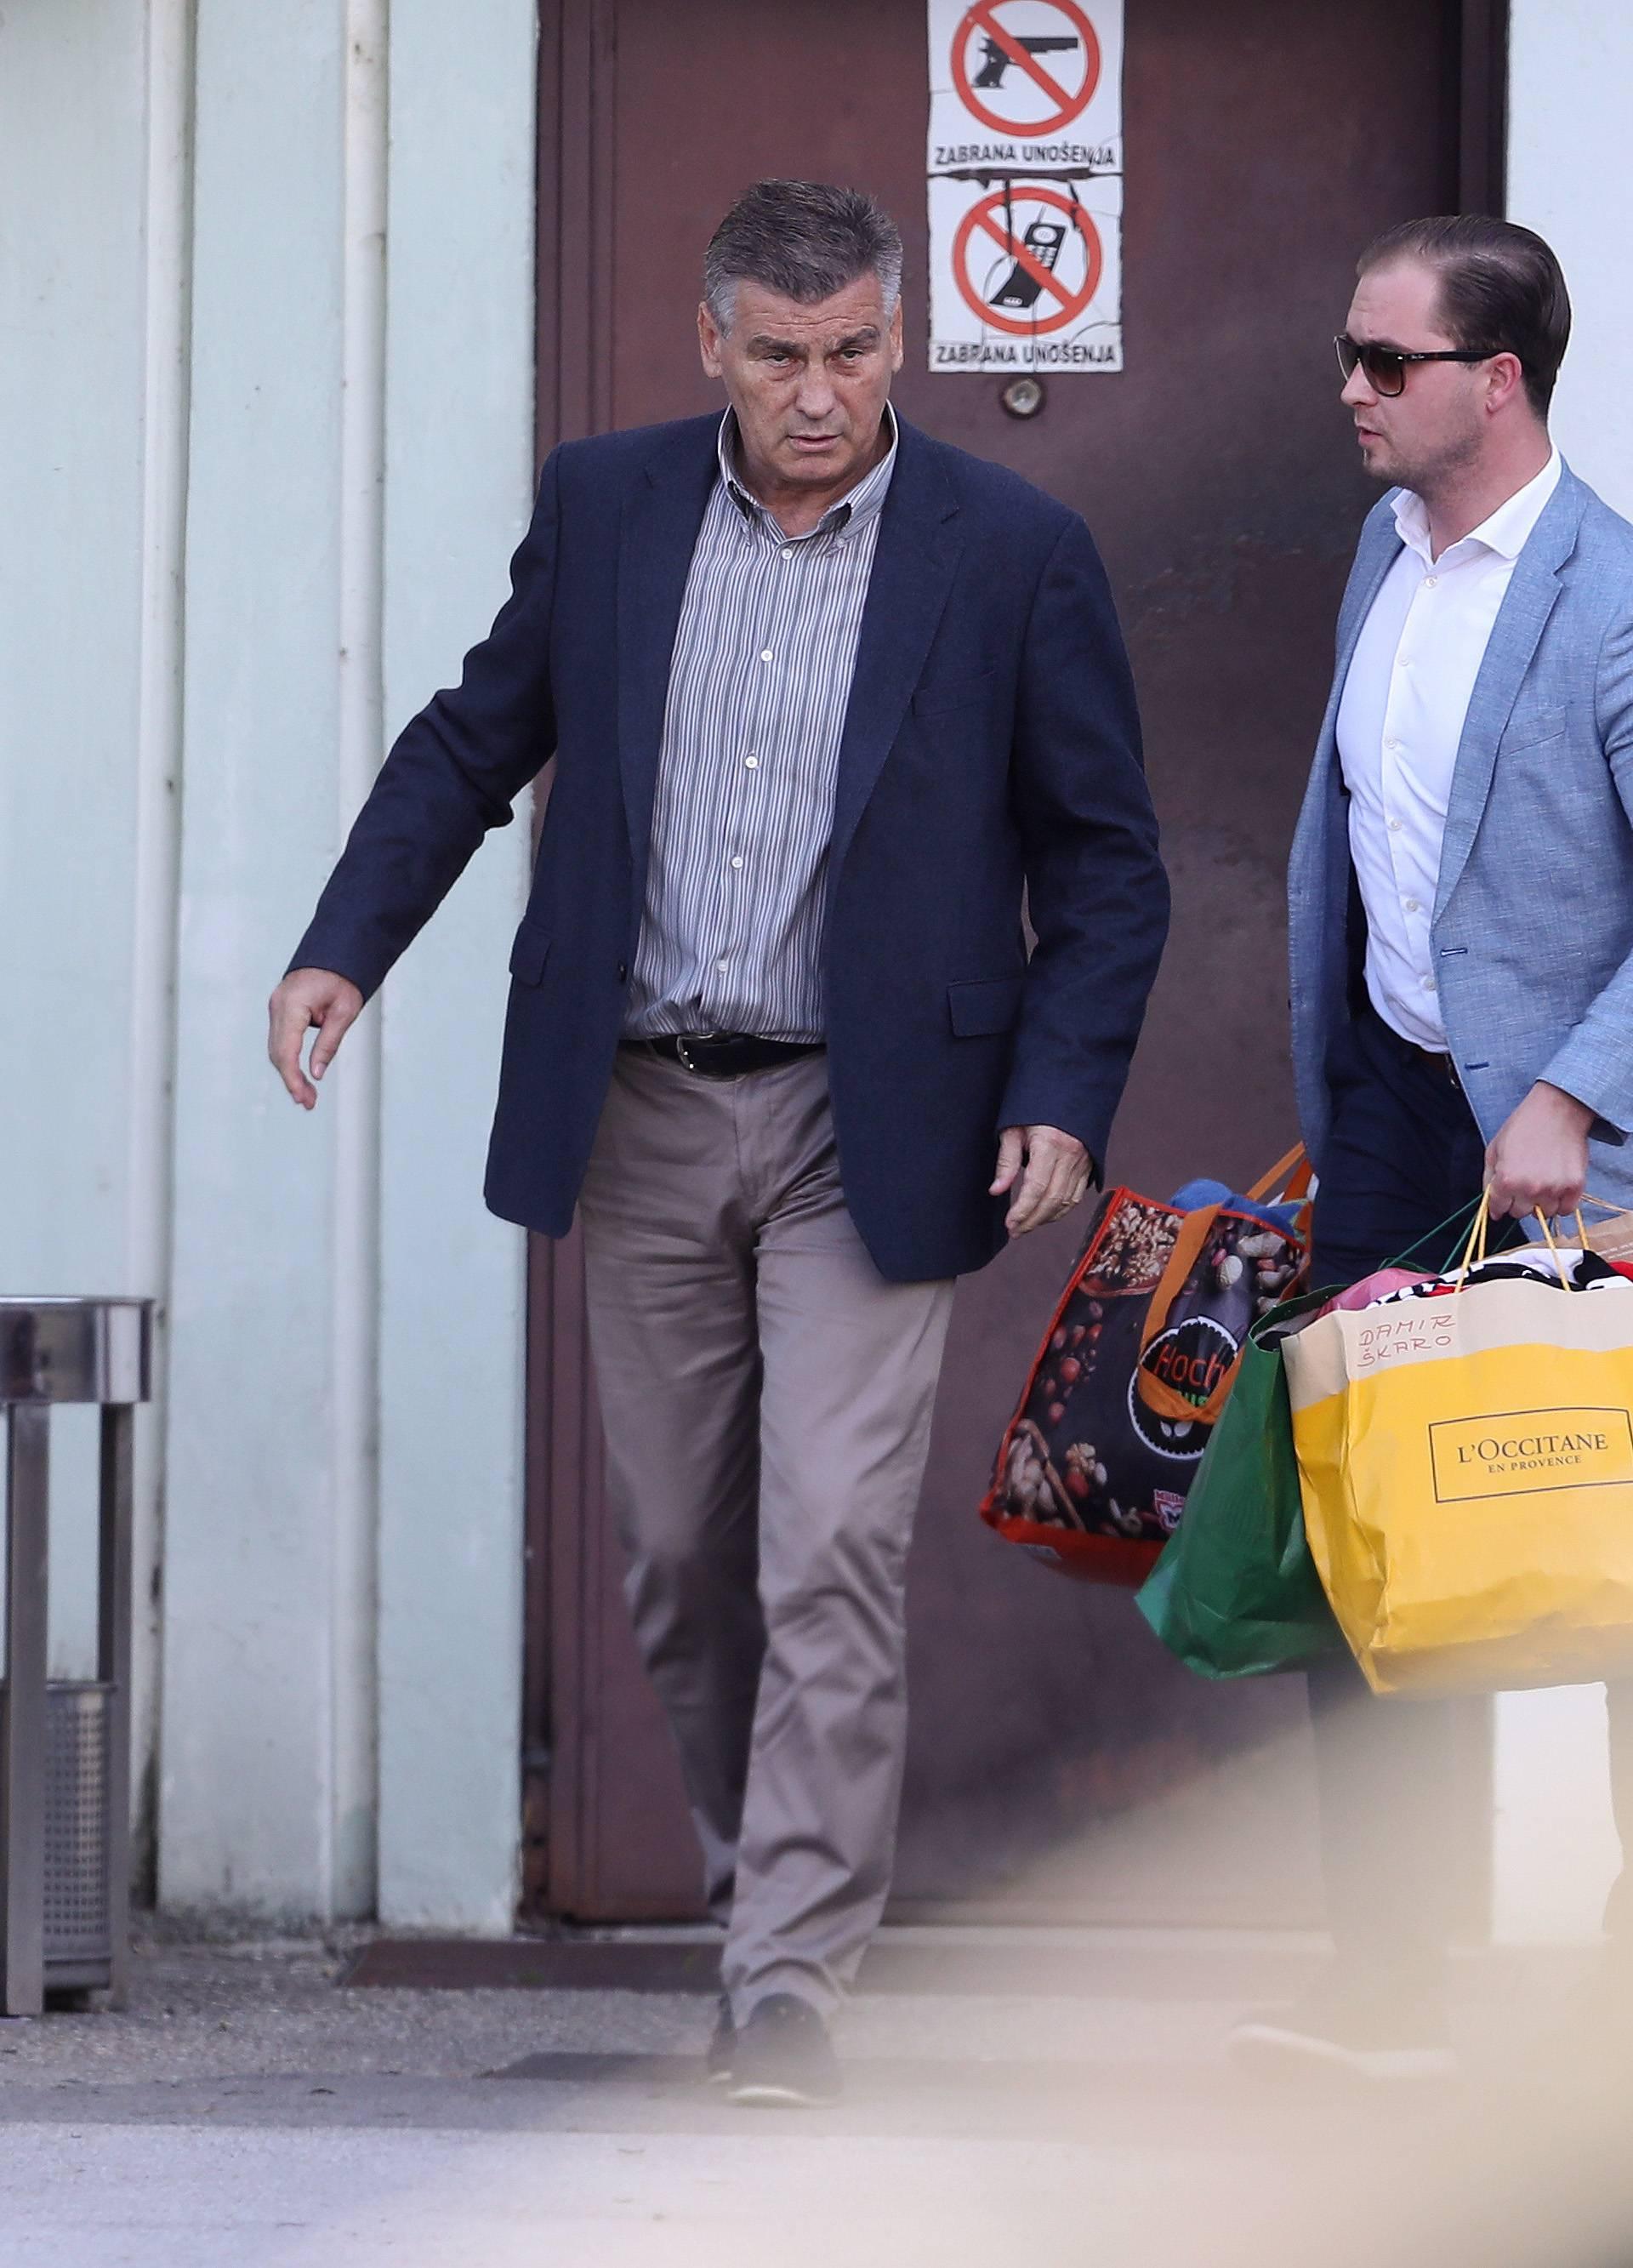 Nakon odbijenih žalbi, Škari potvrdili optužnicu za silovanje